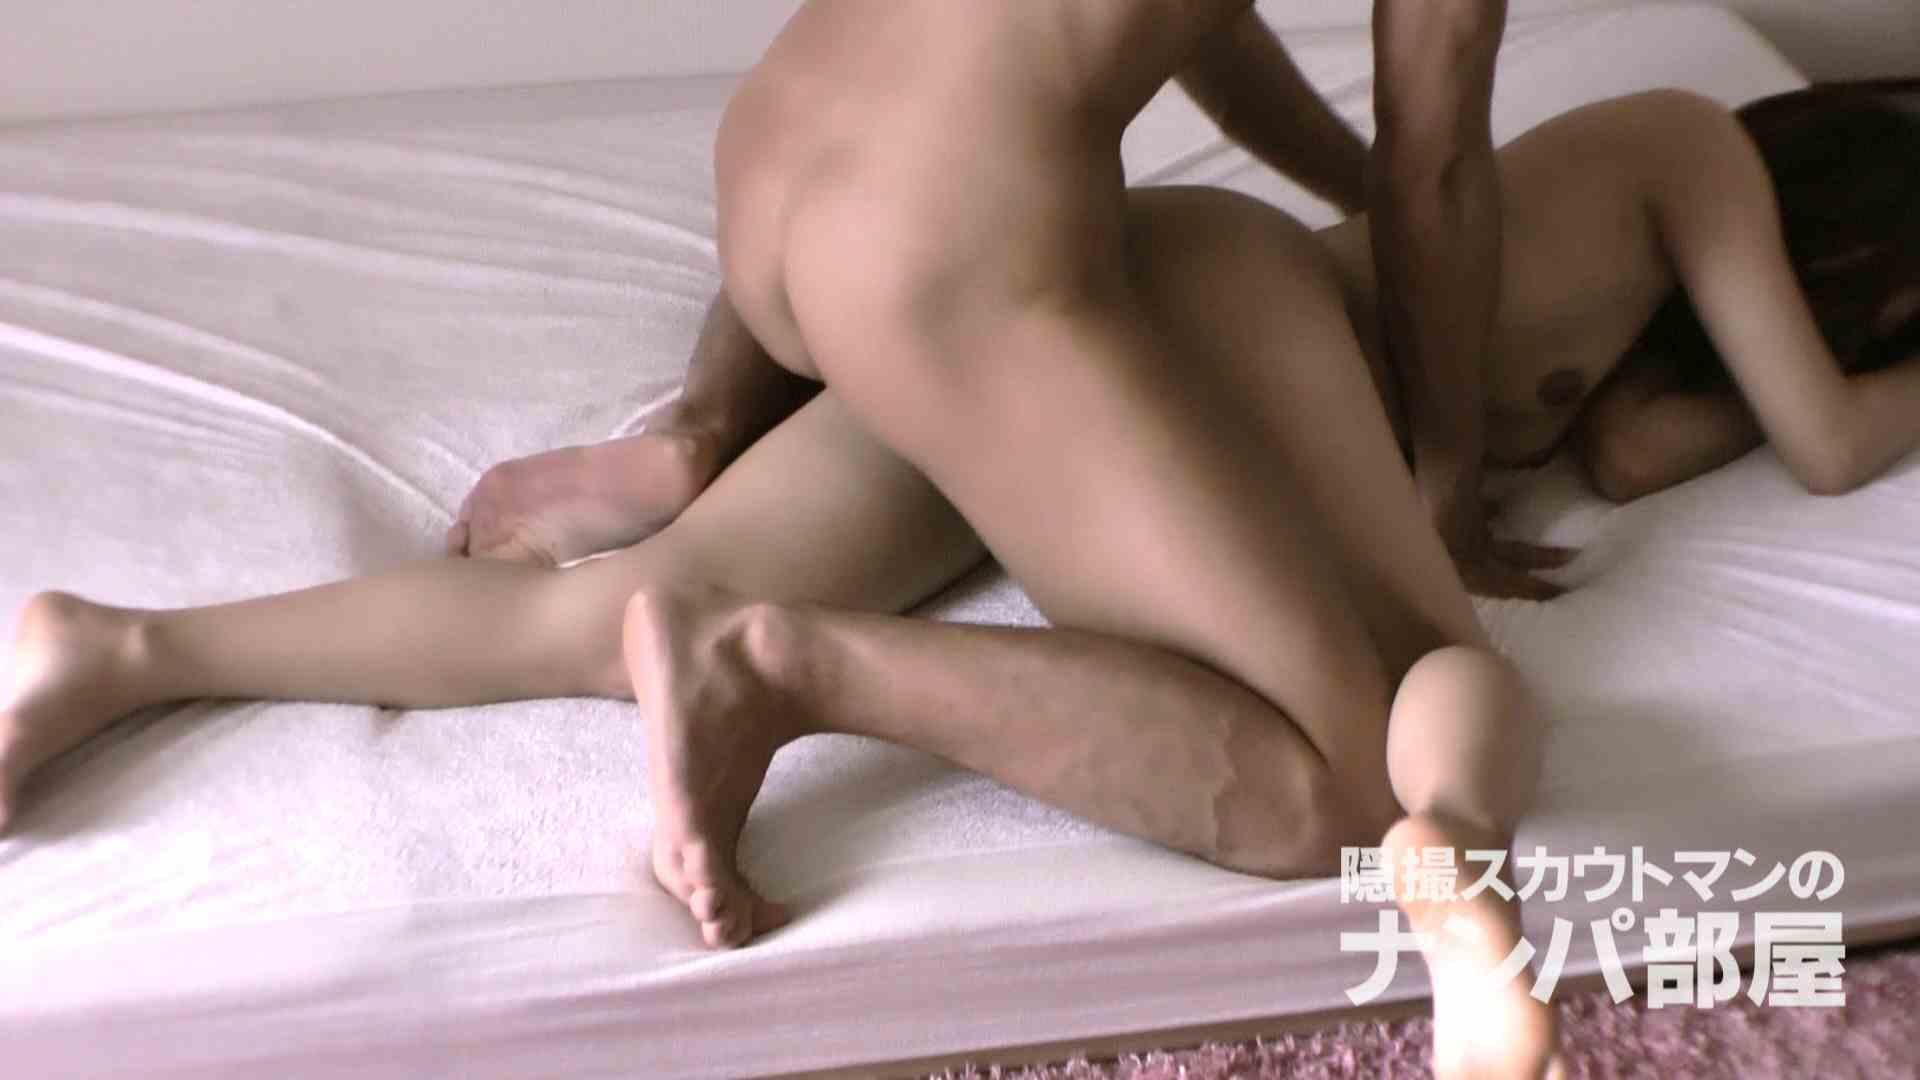 隠撮スカウトマンのナンパ部屋~風俗デビュー前のつまみ食い~ siivol.4 色っぽいOL達 オメコ動画キャプチャ 74pic 52